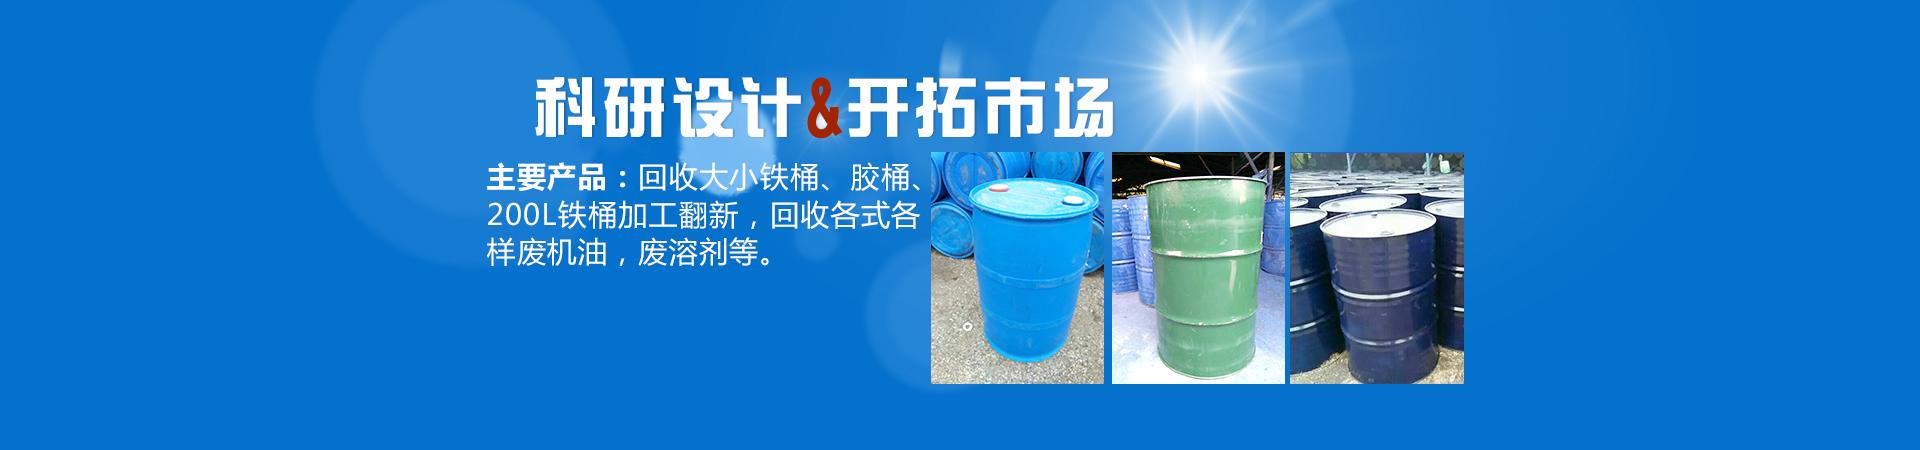 供应翻新200l铁桶|回收大小铁油桶胶桶|回收各种废